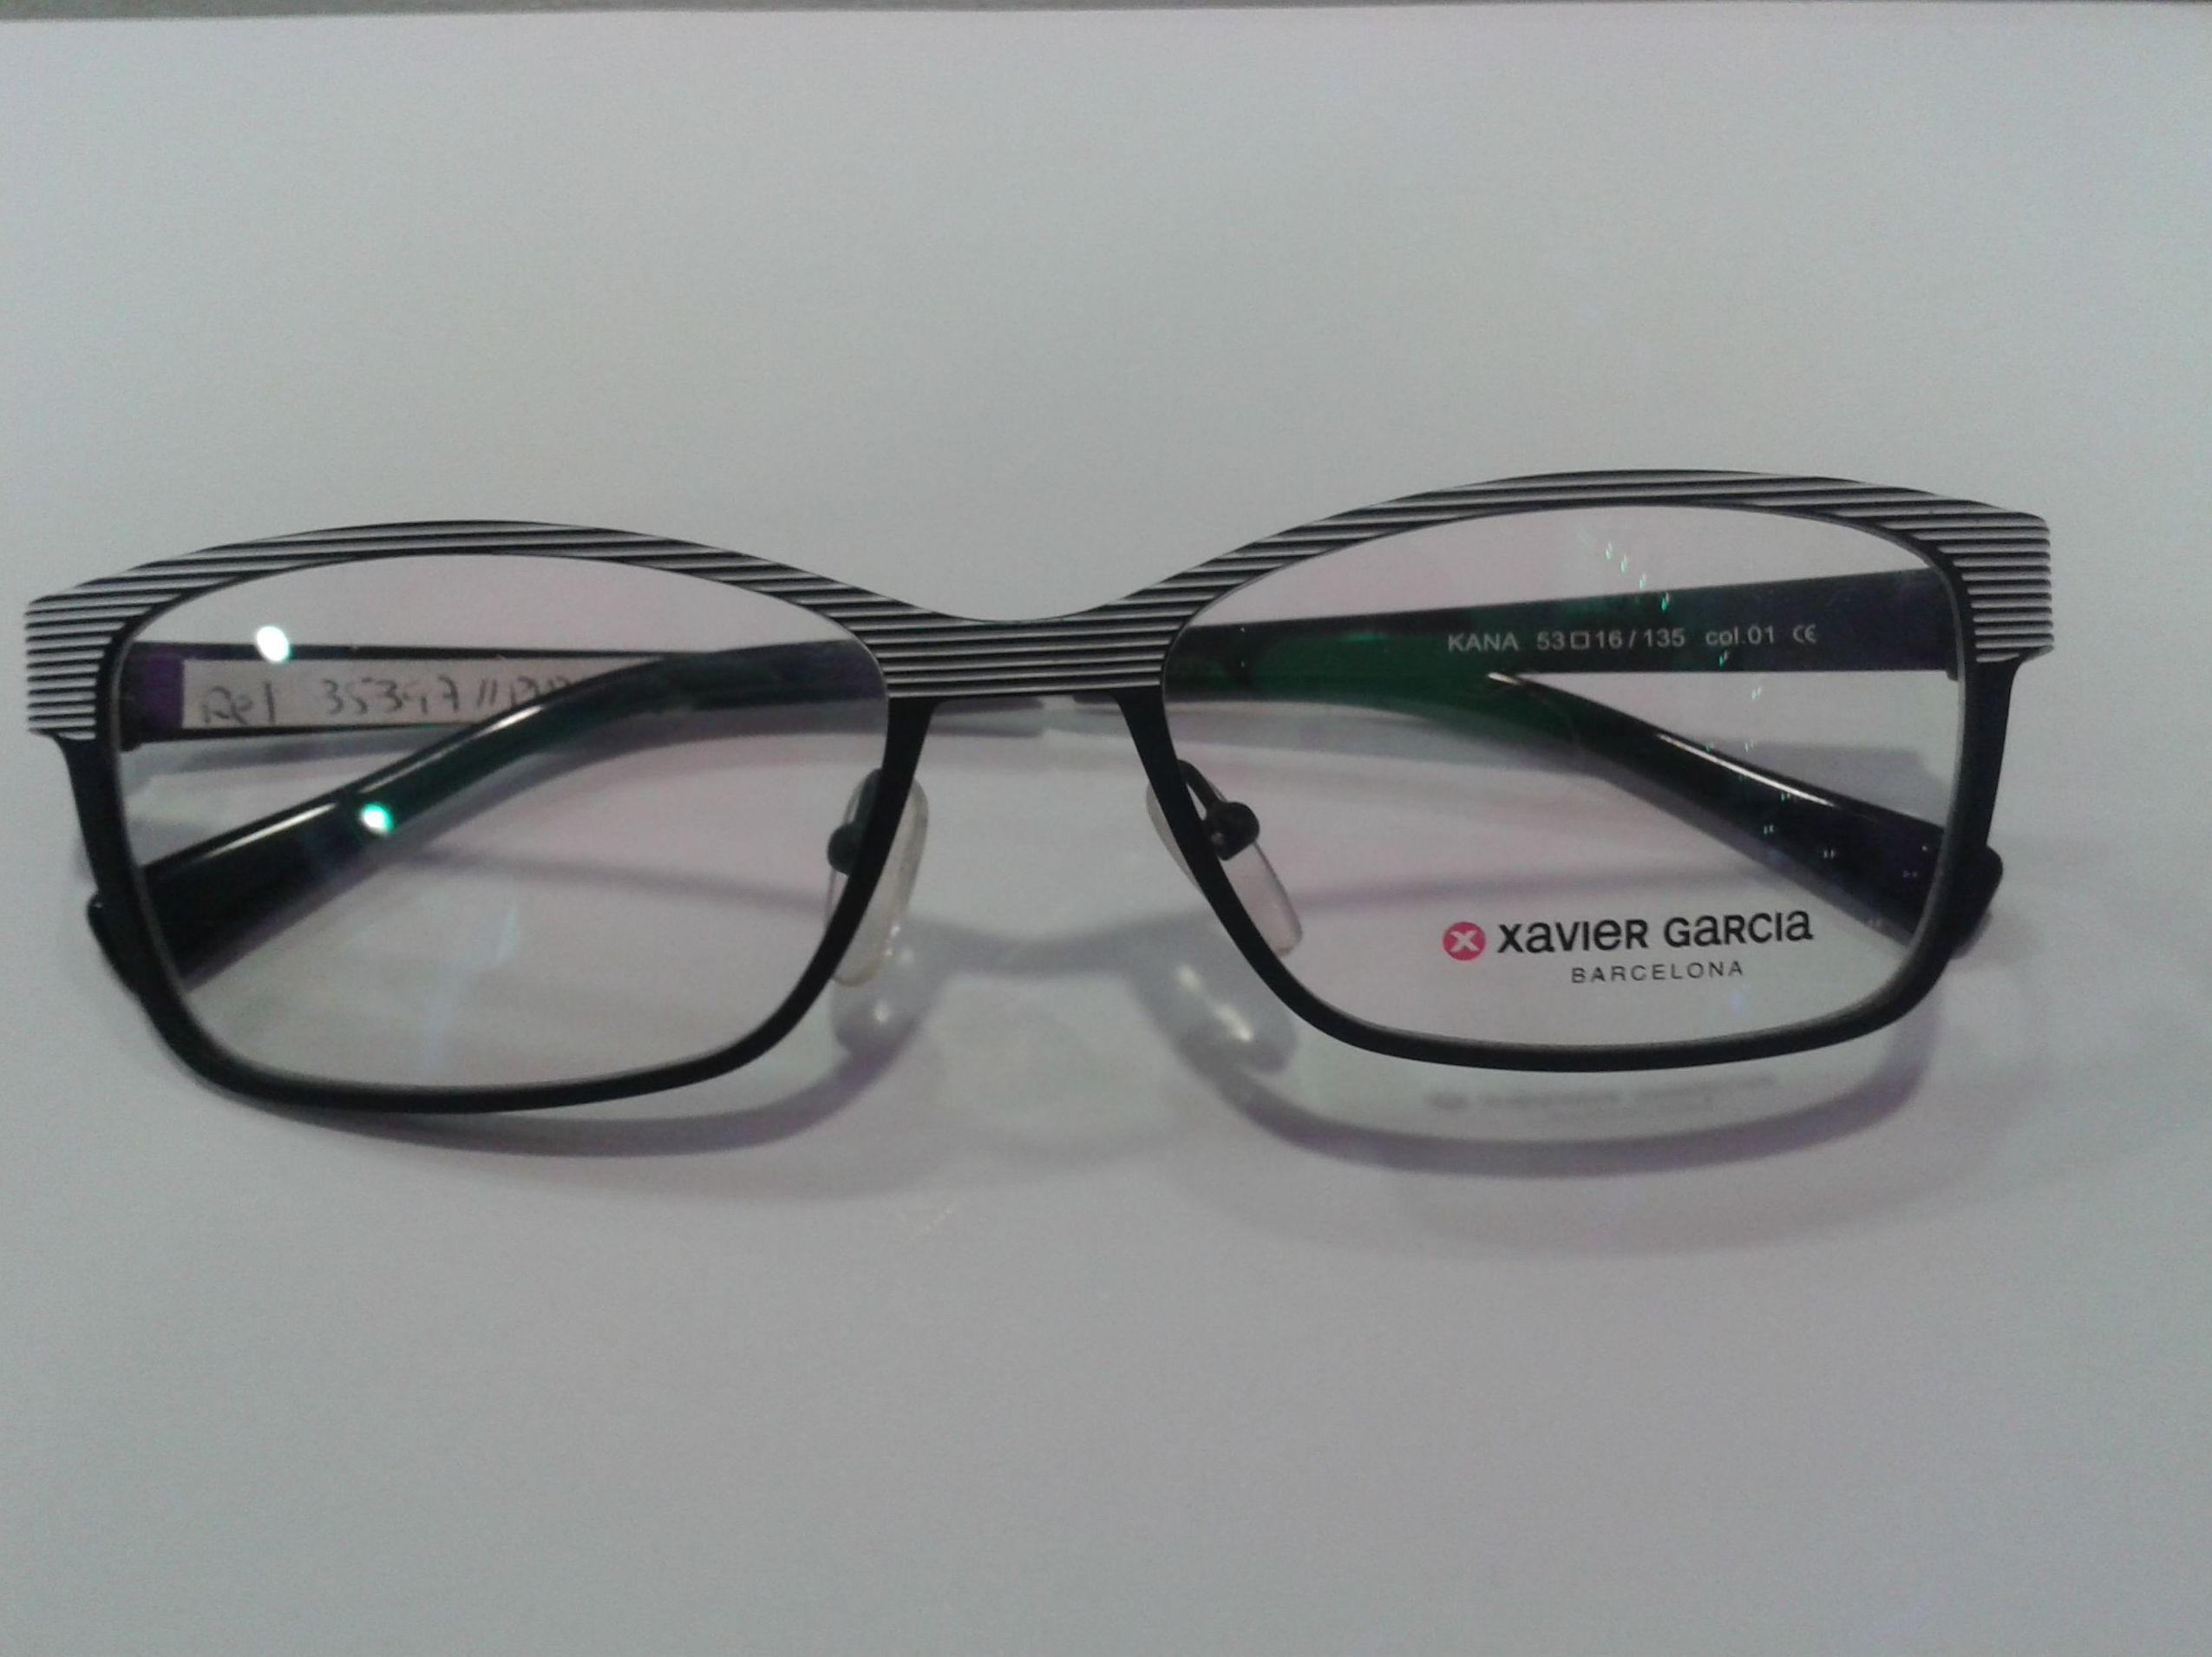 Óptica Basurto, tienda especializada en gafas graduadas